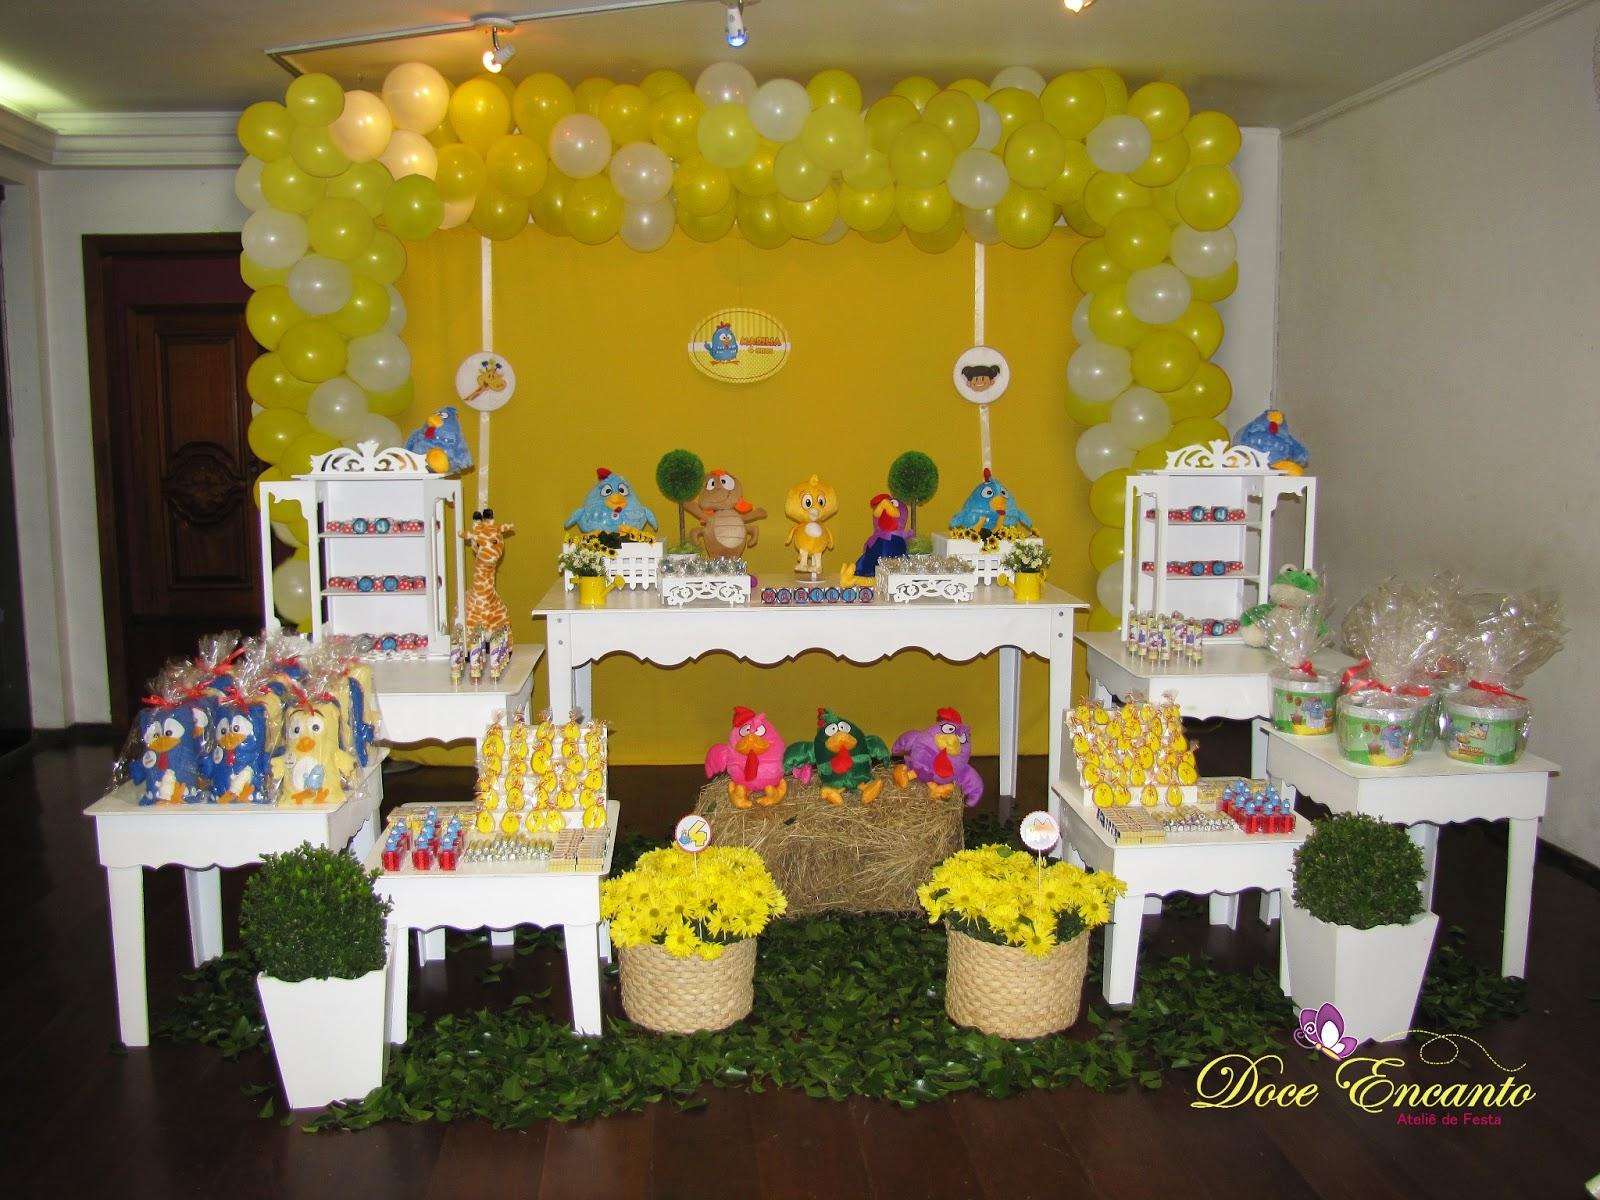 decoracao galinha pintadinha azul e amarelo:Pin Decoracao Carrossel Clean Novela Carregando Ajilbabcom Portal Cake